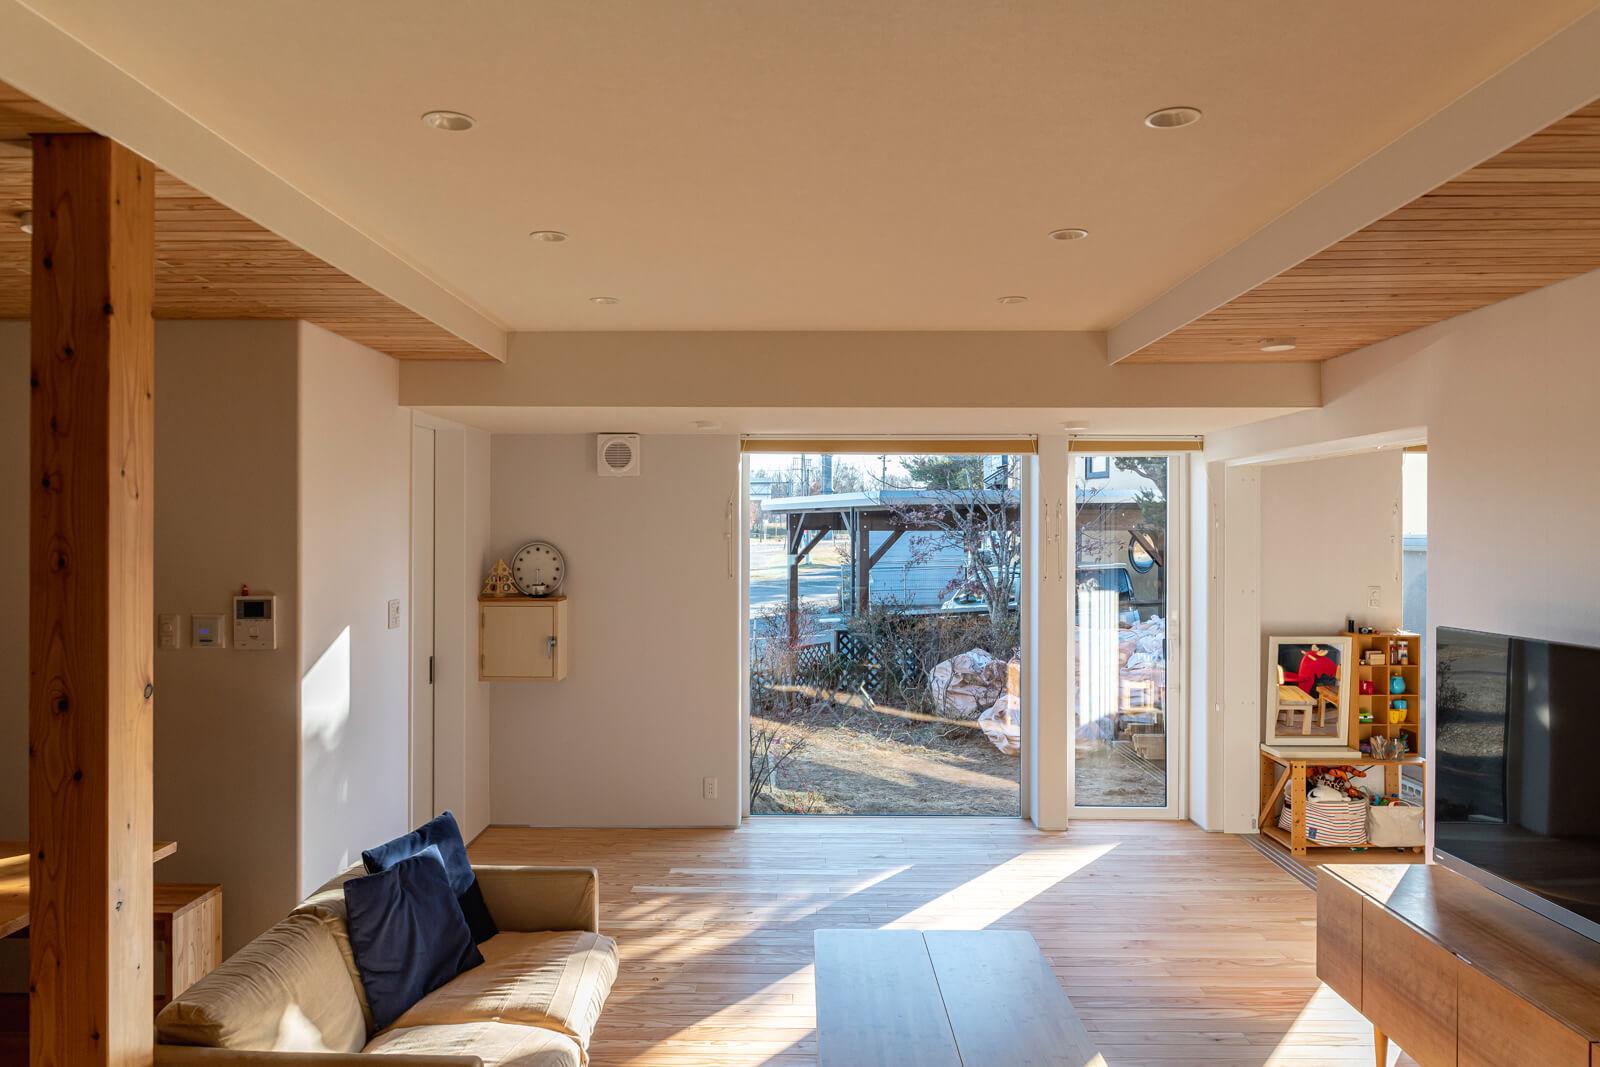 大開口からたっぷりと陽射しが入るリビングは、天気のいい日は暖房いらずの暖かさ。外光が美しい陰影を描く壁には、木製チップ入りのオーガニッククロスを採用